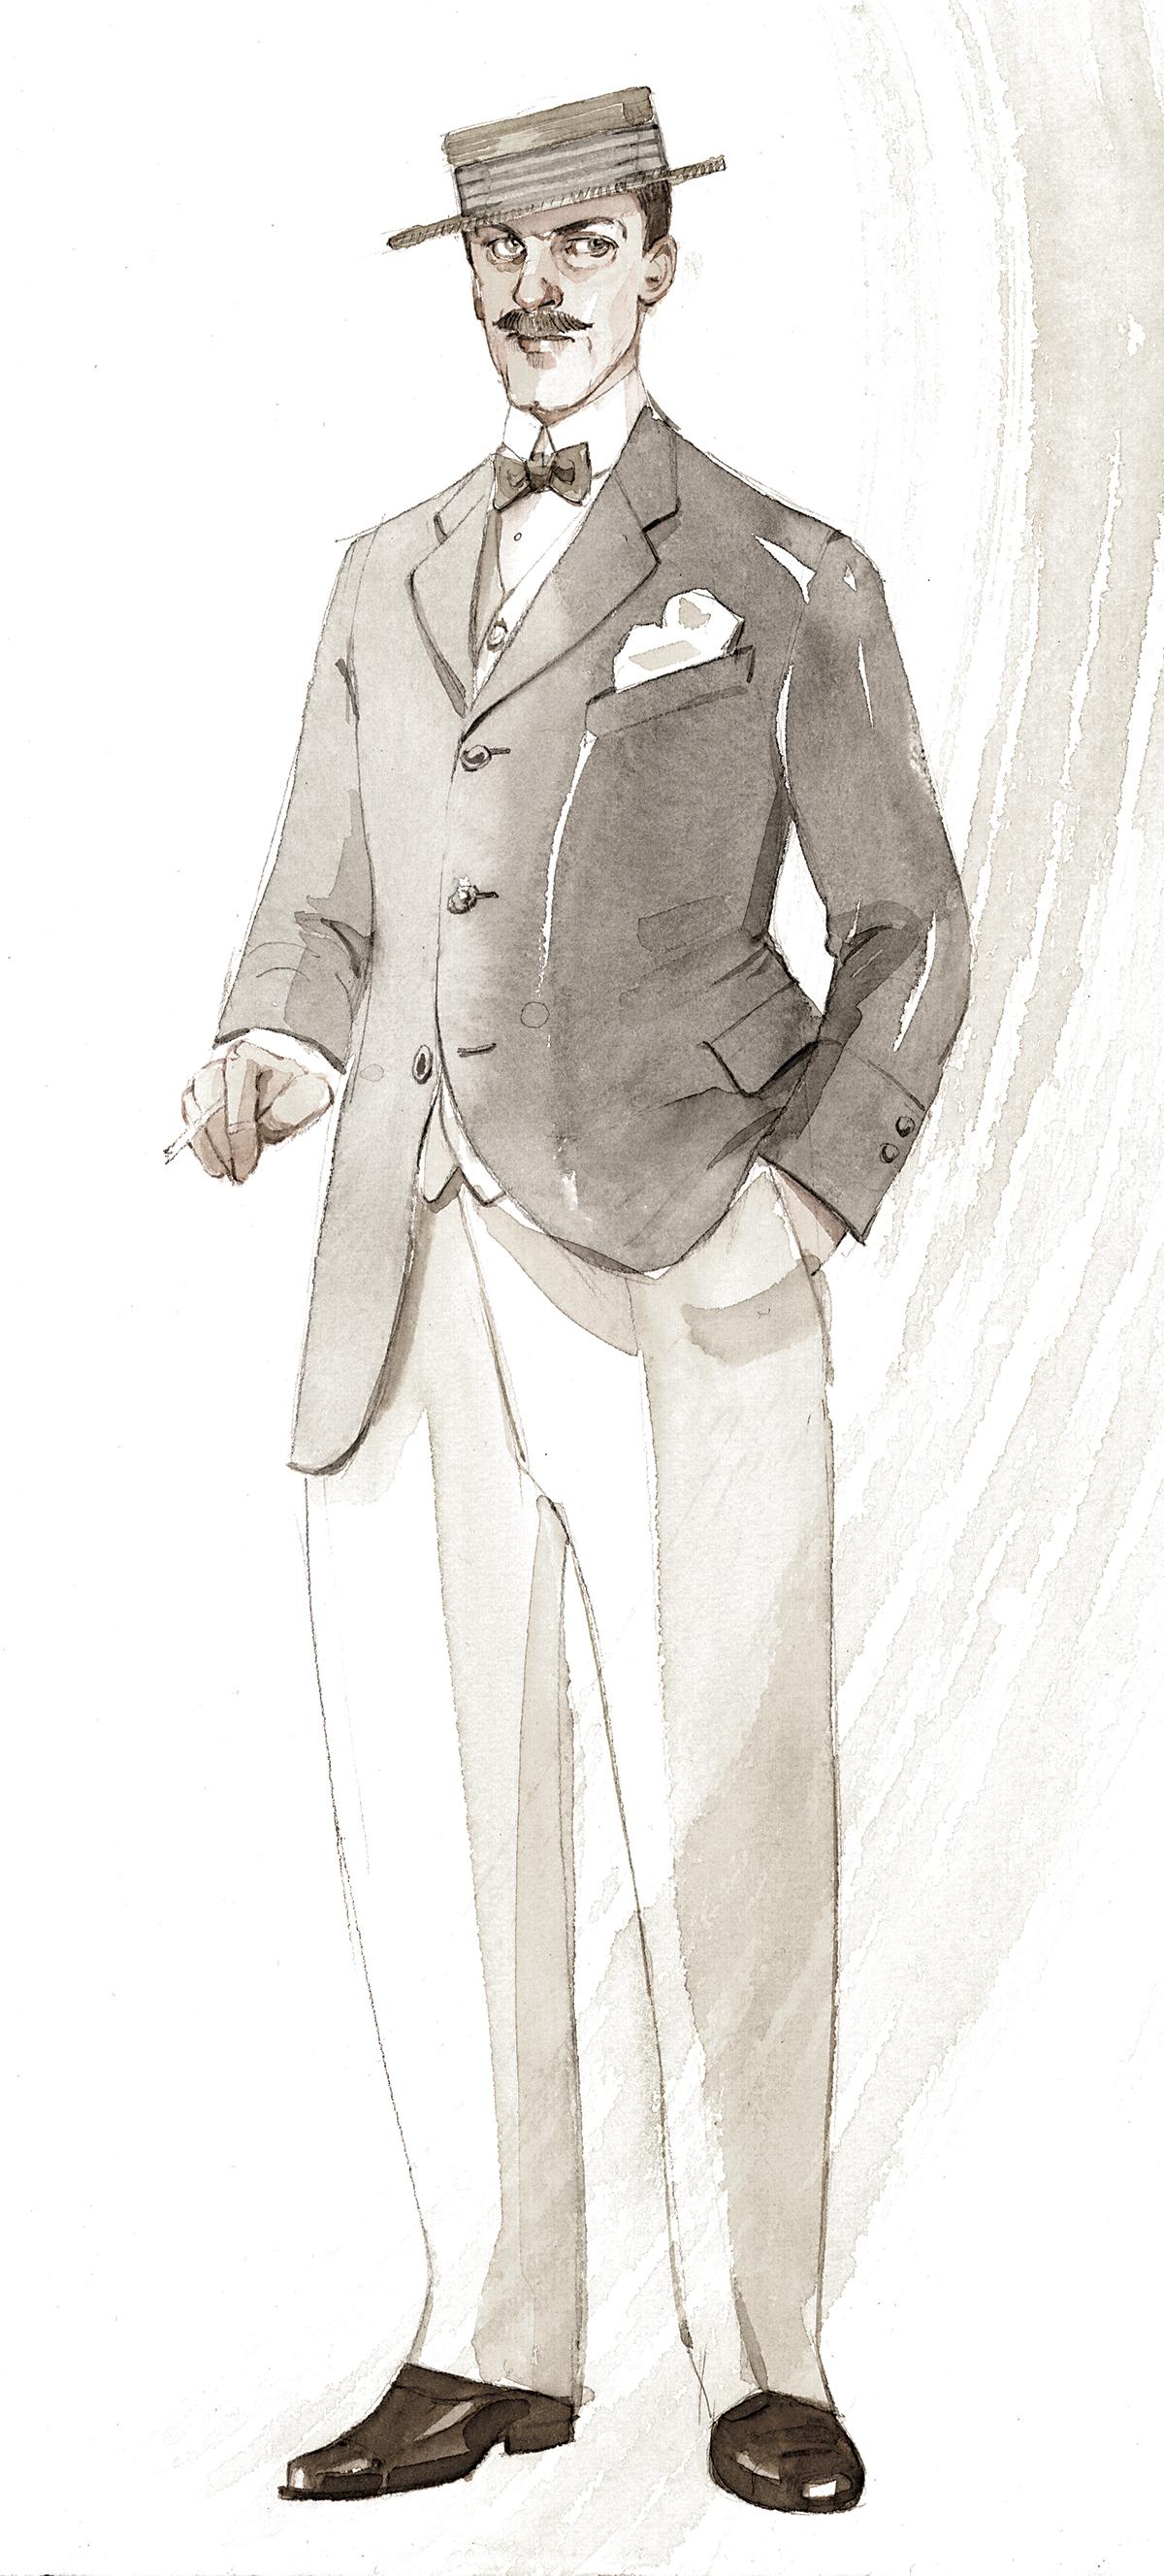 OTHgentleman3